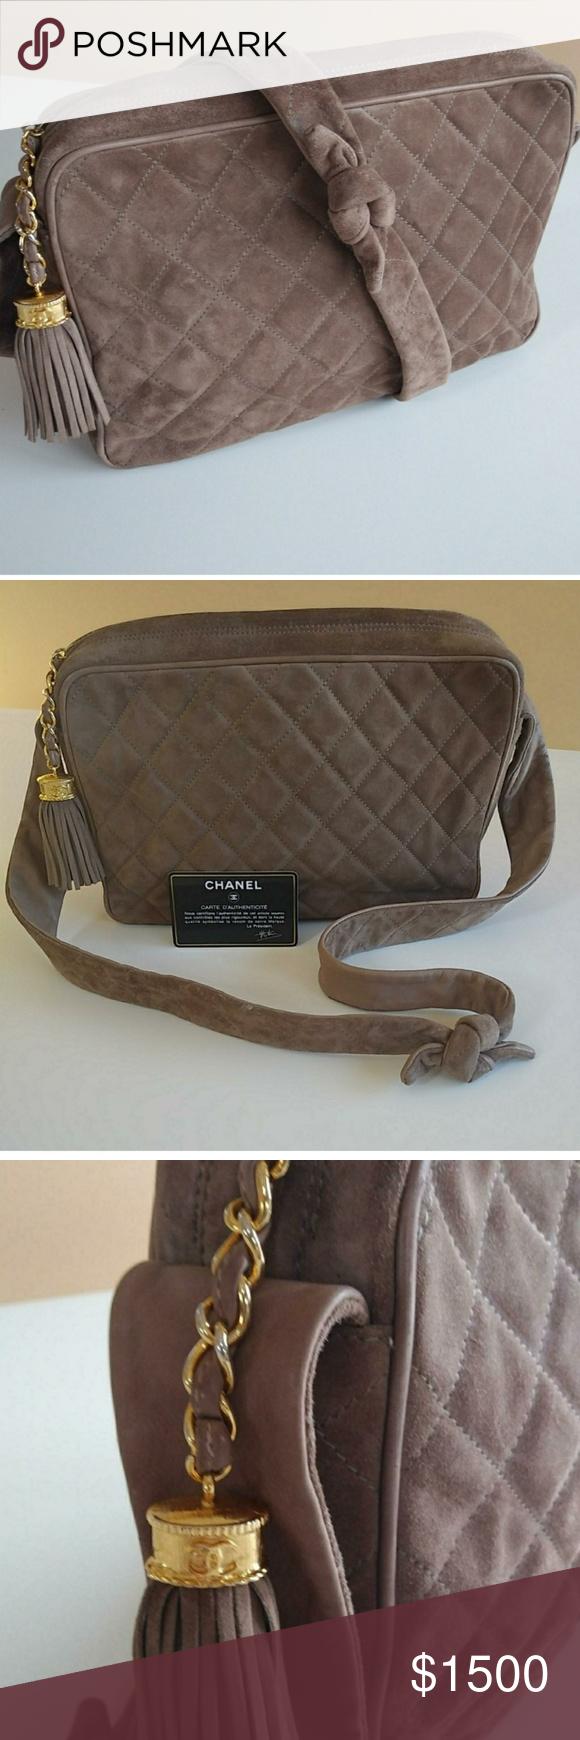 Vintage Chanel Camera Bag Vintage Chanel Leather Camera Bag Chanel